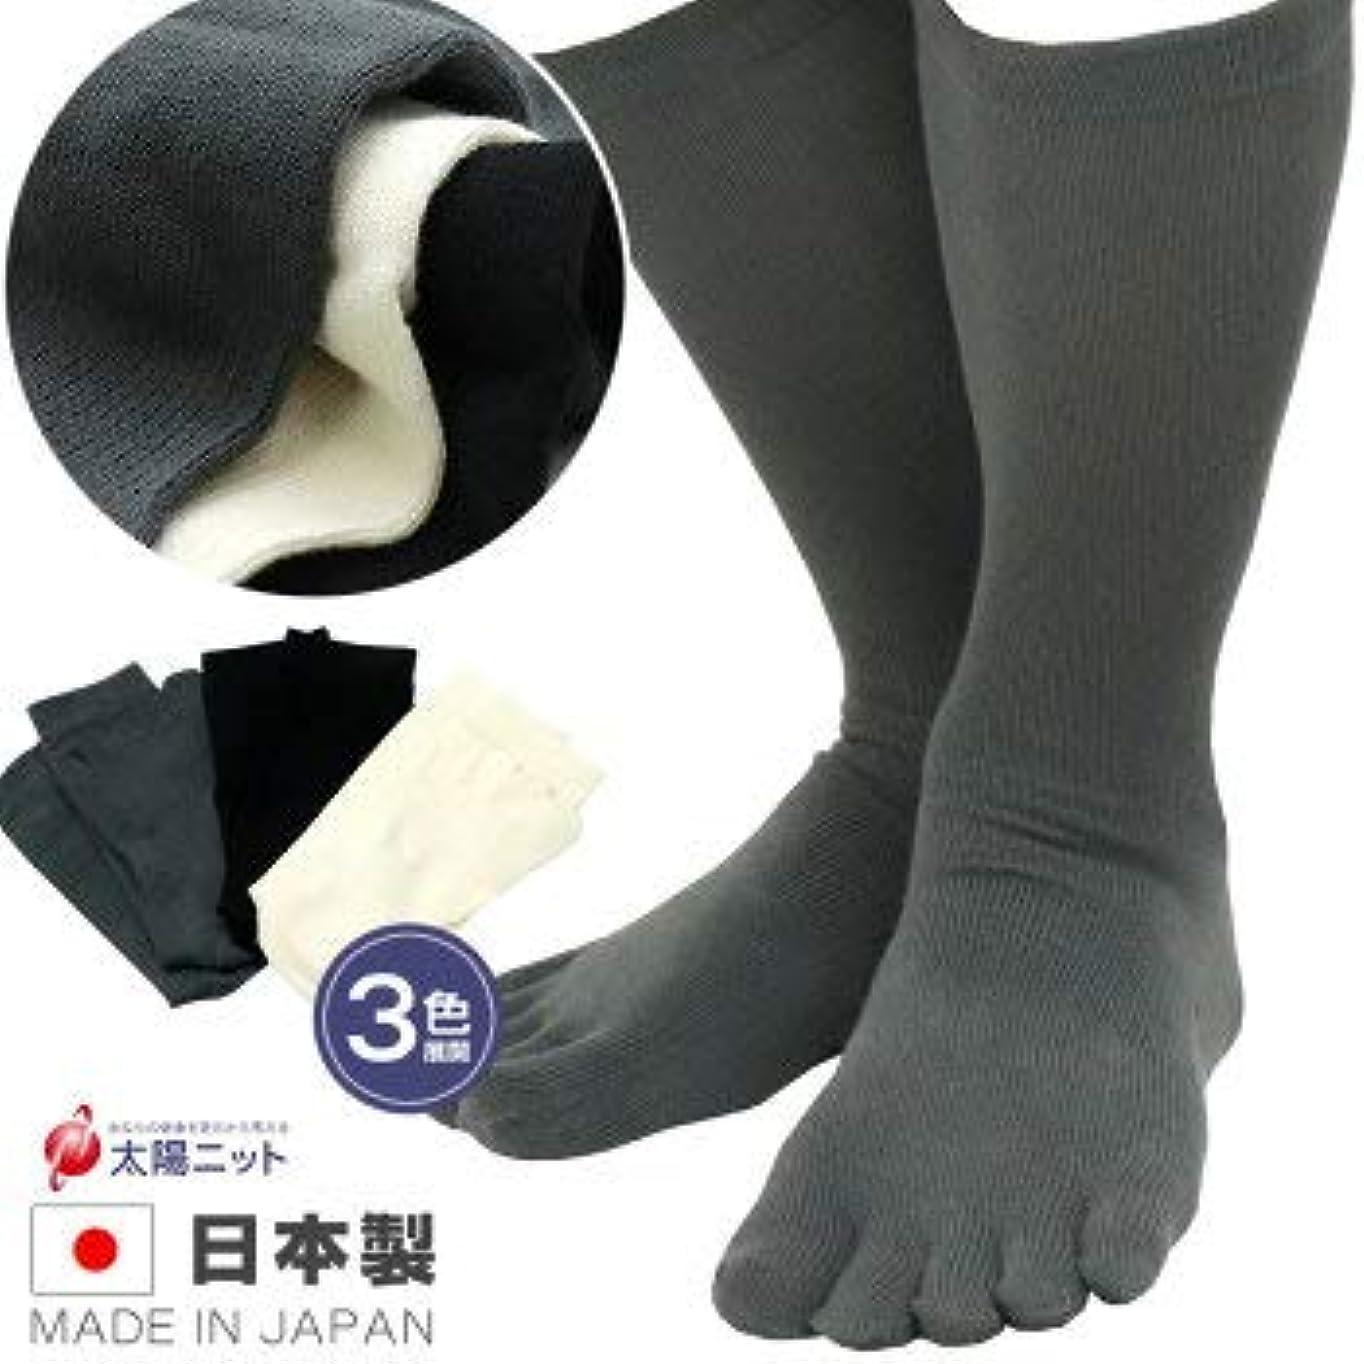 感じ再編成する位置づける男性用 綿100% 5本指 靴下 におい ムレ 対策 24-26㎝ 太陽ニッ ト321 (グレー)